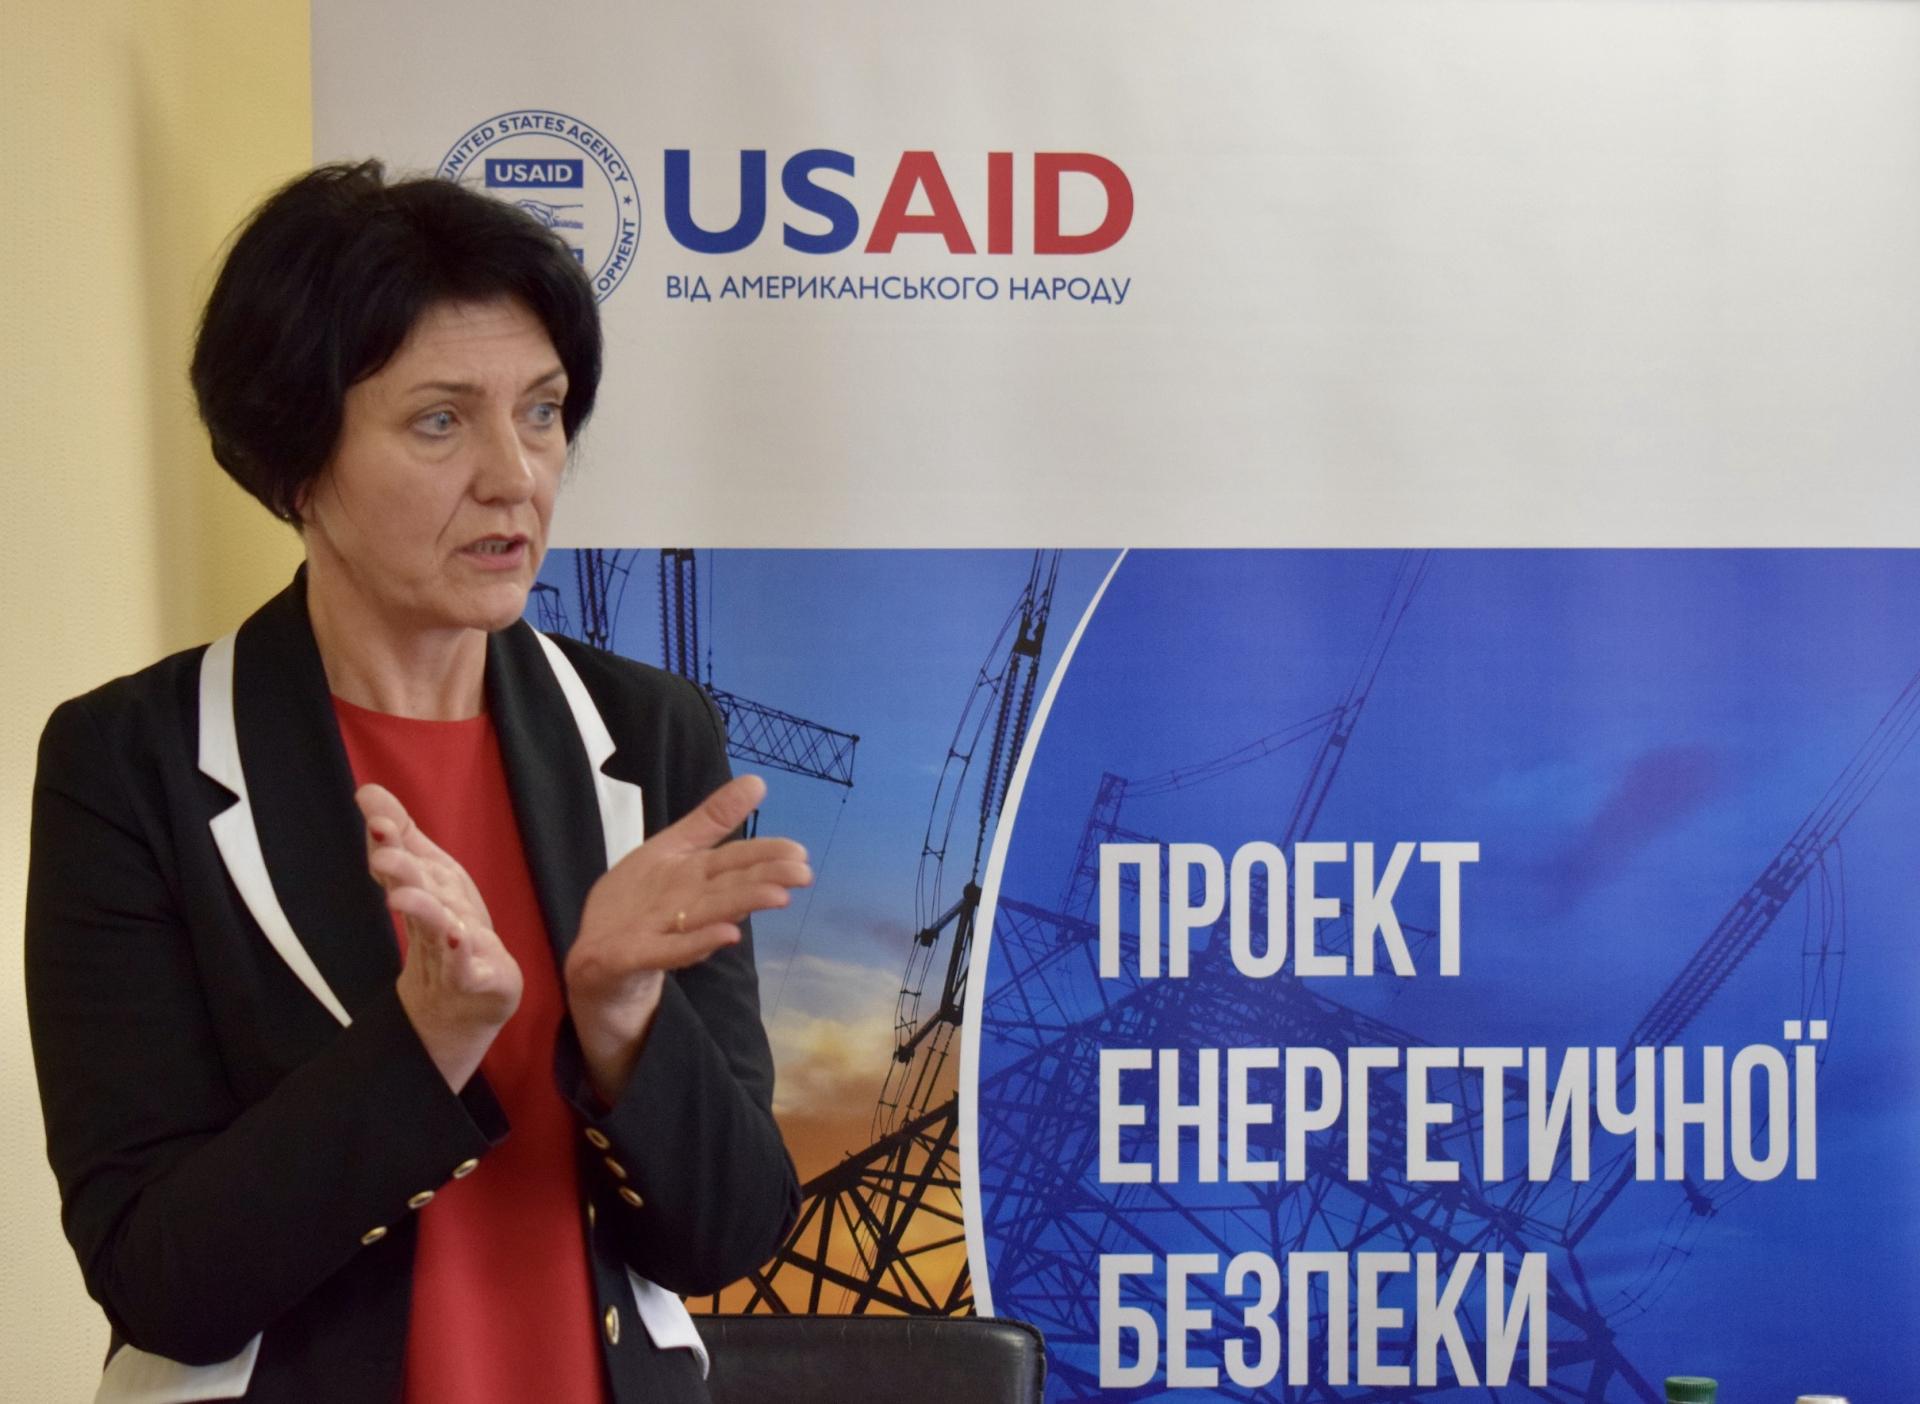 Гендерна спеціалістка USAID Проєкту енергетичної безпеки Юлія Галустян